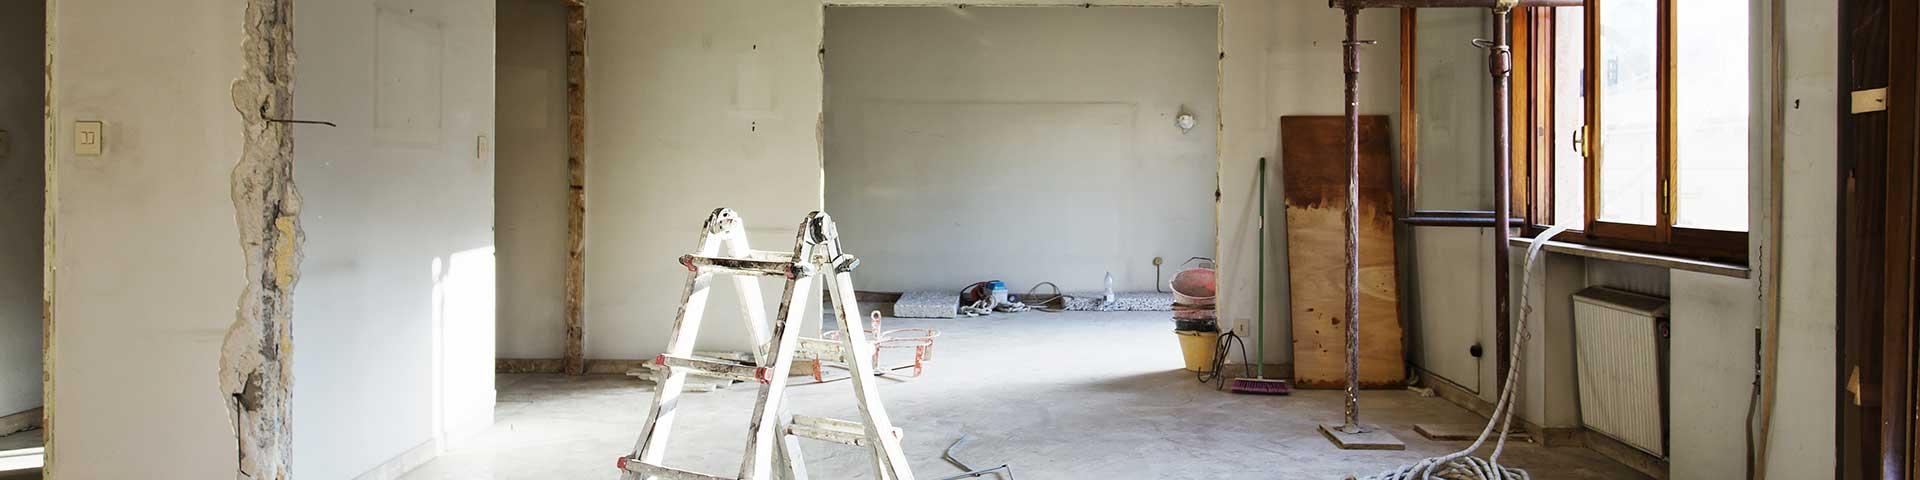 wyburzenie ściany w trakcie remontu mieszkania